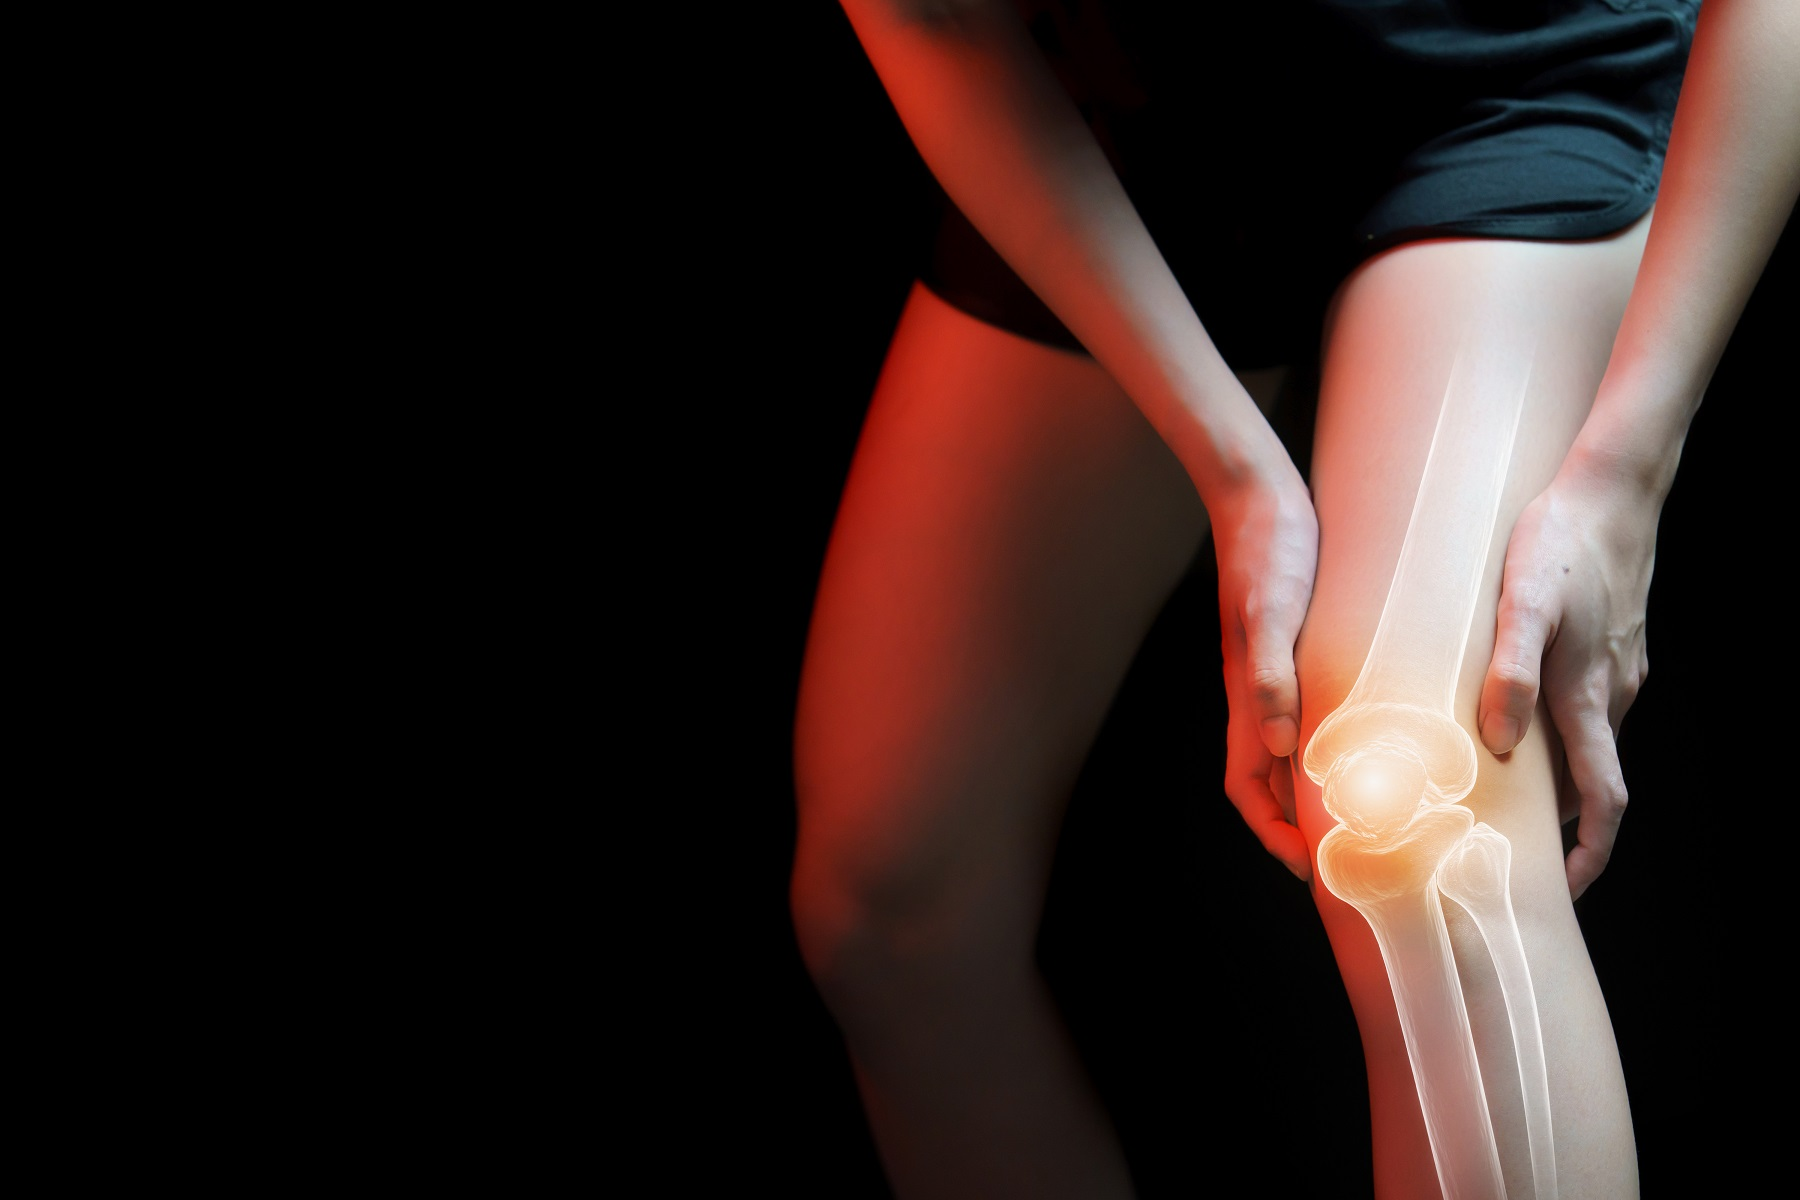 ízületi fájdalom és edzés)